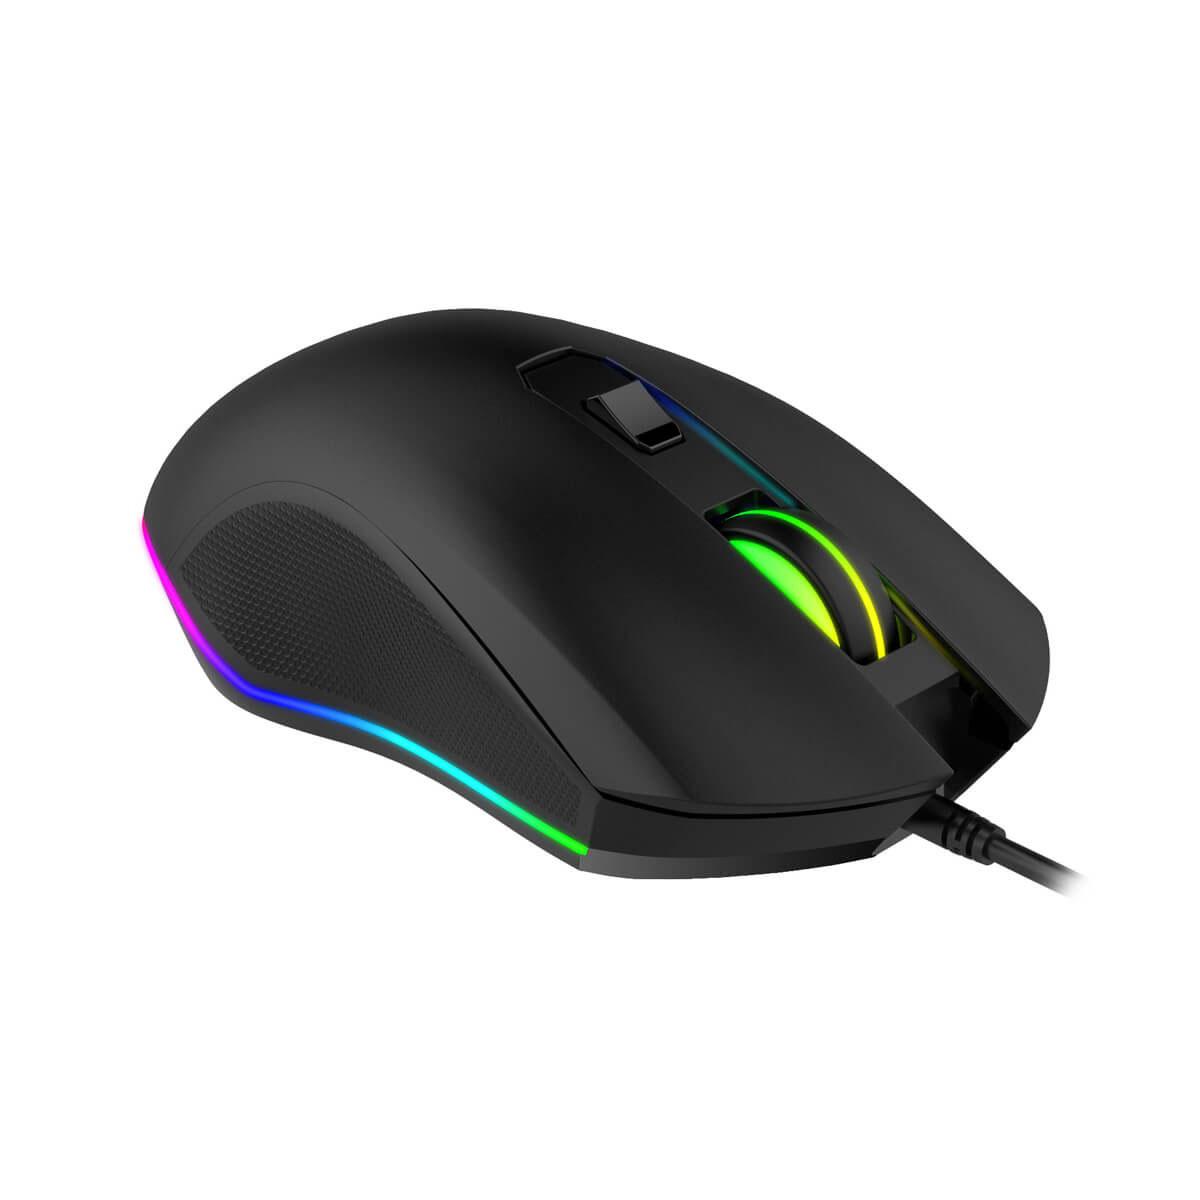 MOUSE GAMING HAVIT GAMENOTE MS804 RGB BACKLIT 2400DPI USB 7KEY ,Mouse